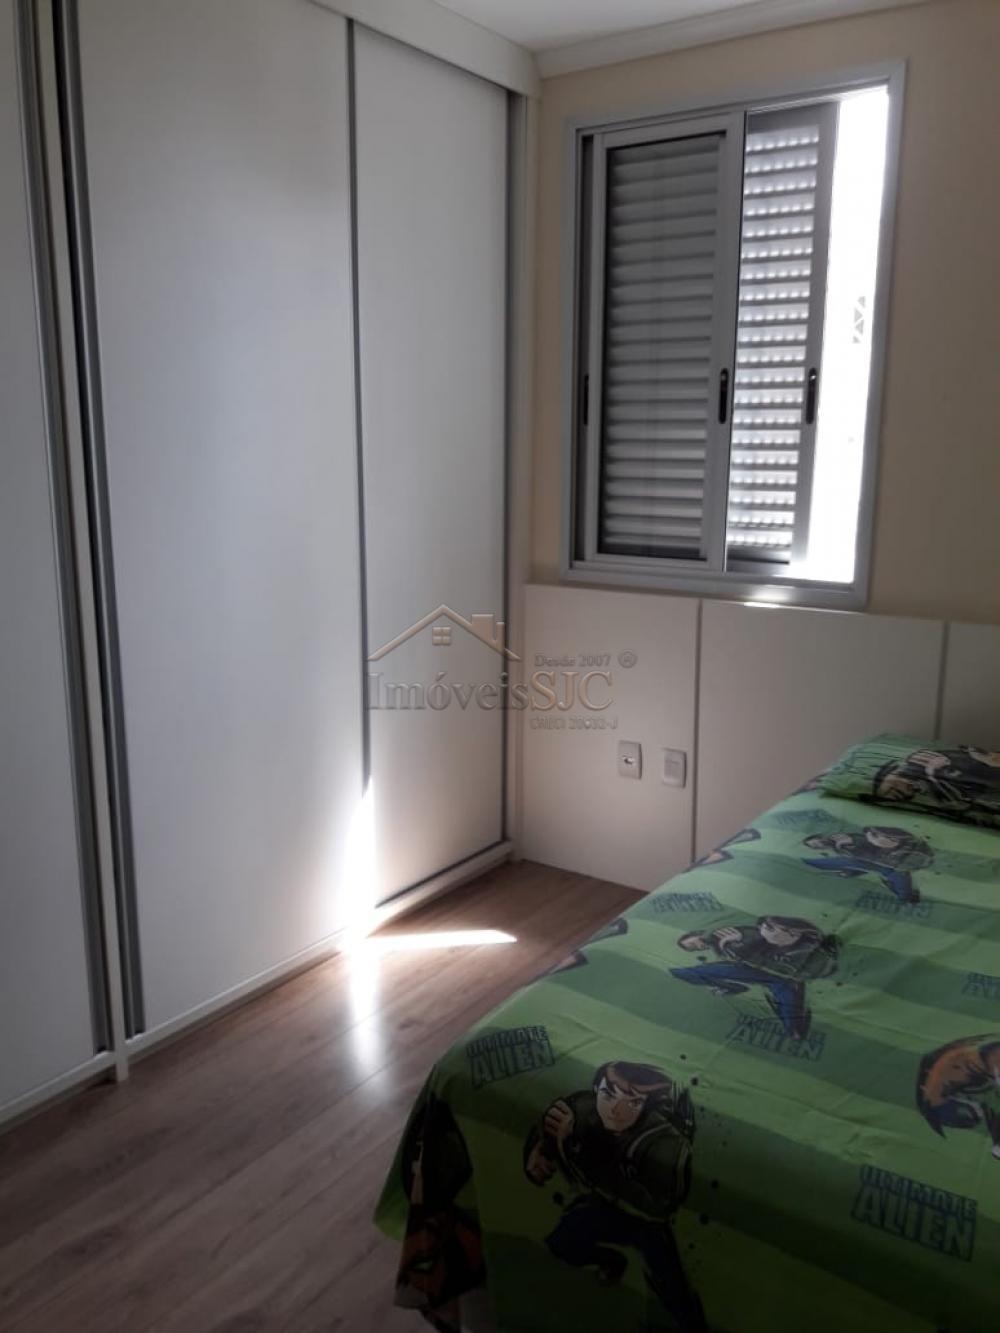 Comprar Apartamentos / Padrão em São José dos Campos apenas R$ 380.000,00 - Foto 13